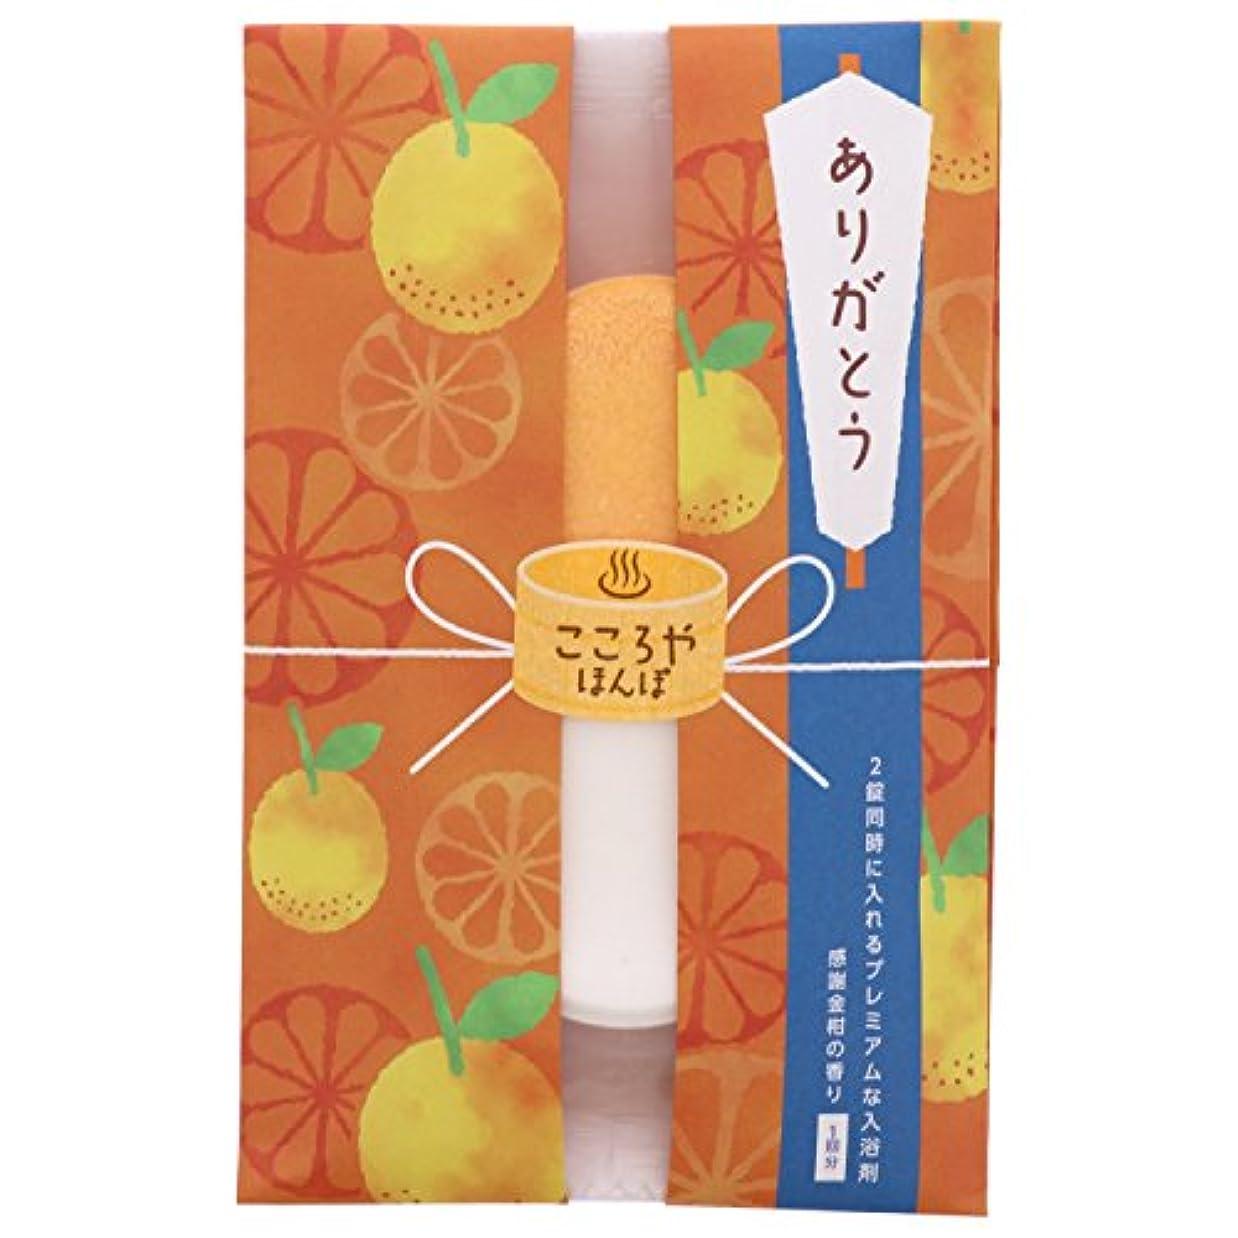 振る舞う存在する絶妙こころやほんぽ カジュアルギフト 入浴剤 ありがとう 金柑の香り 50g